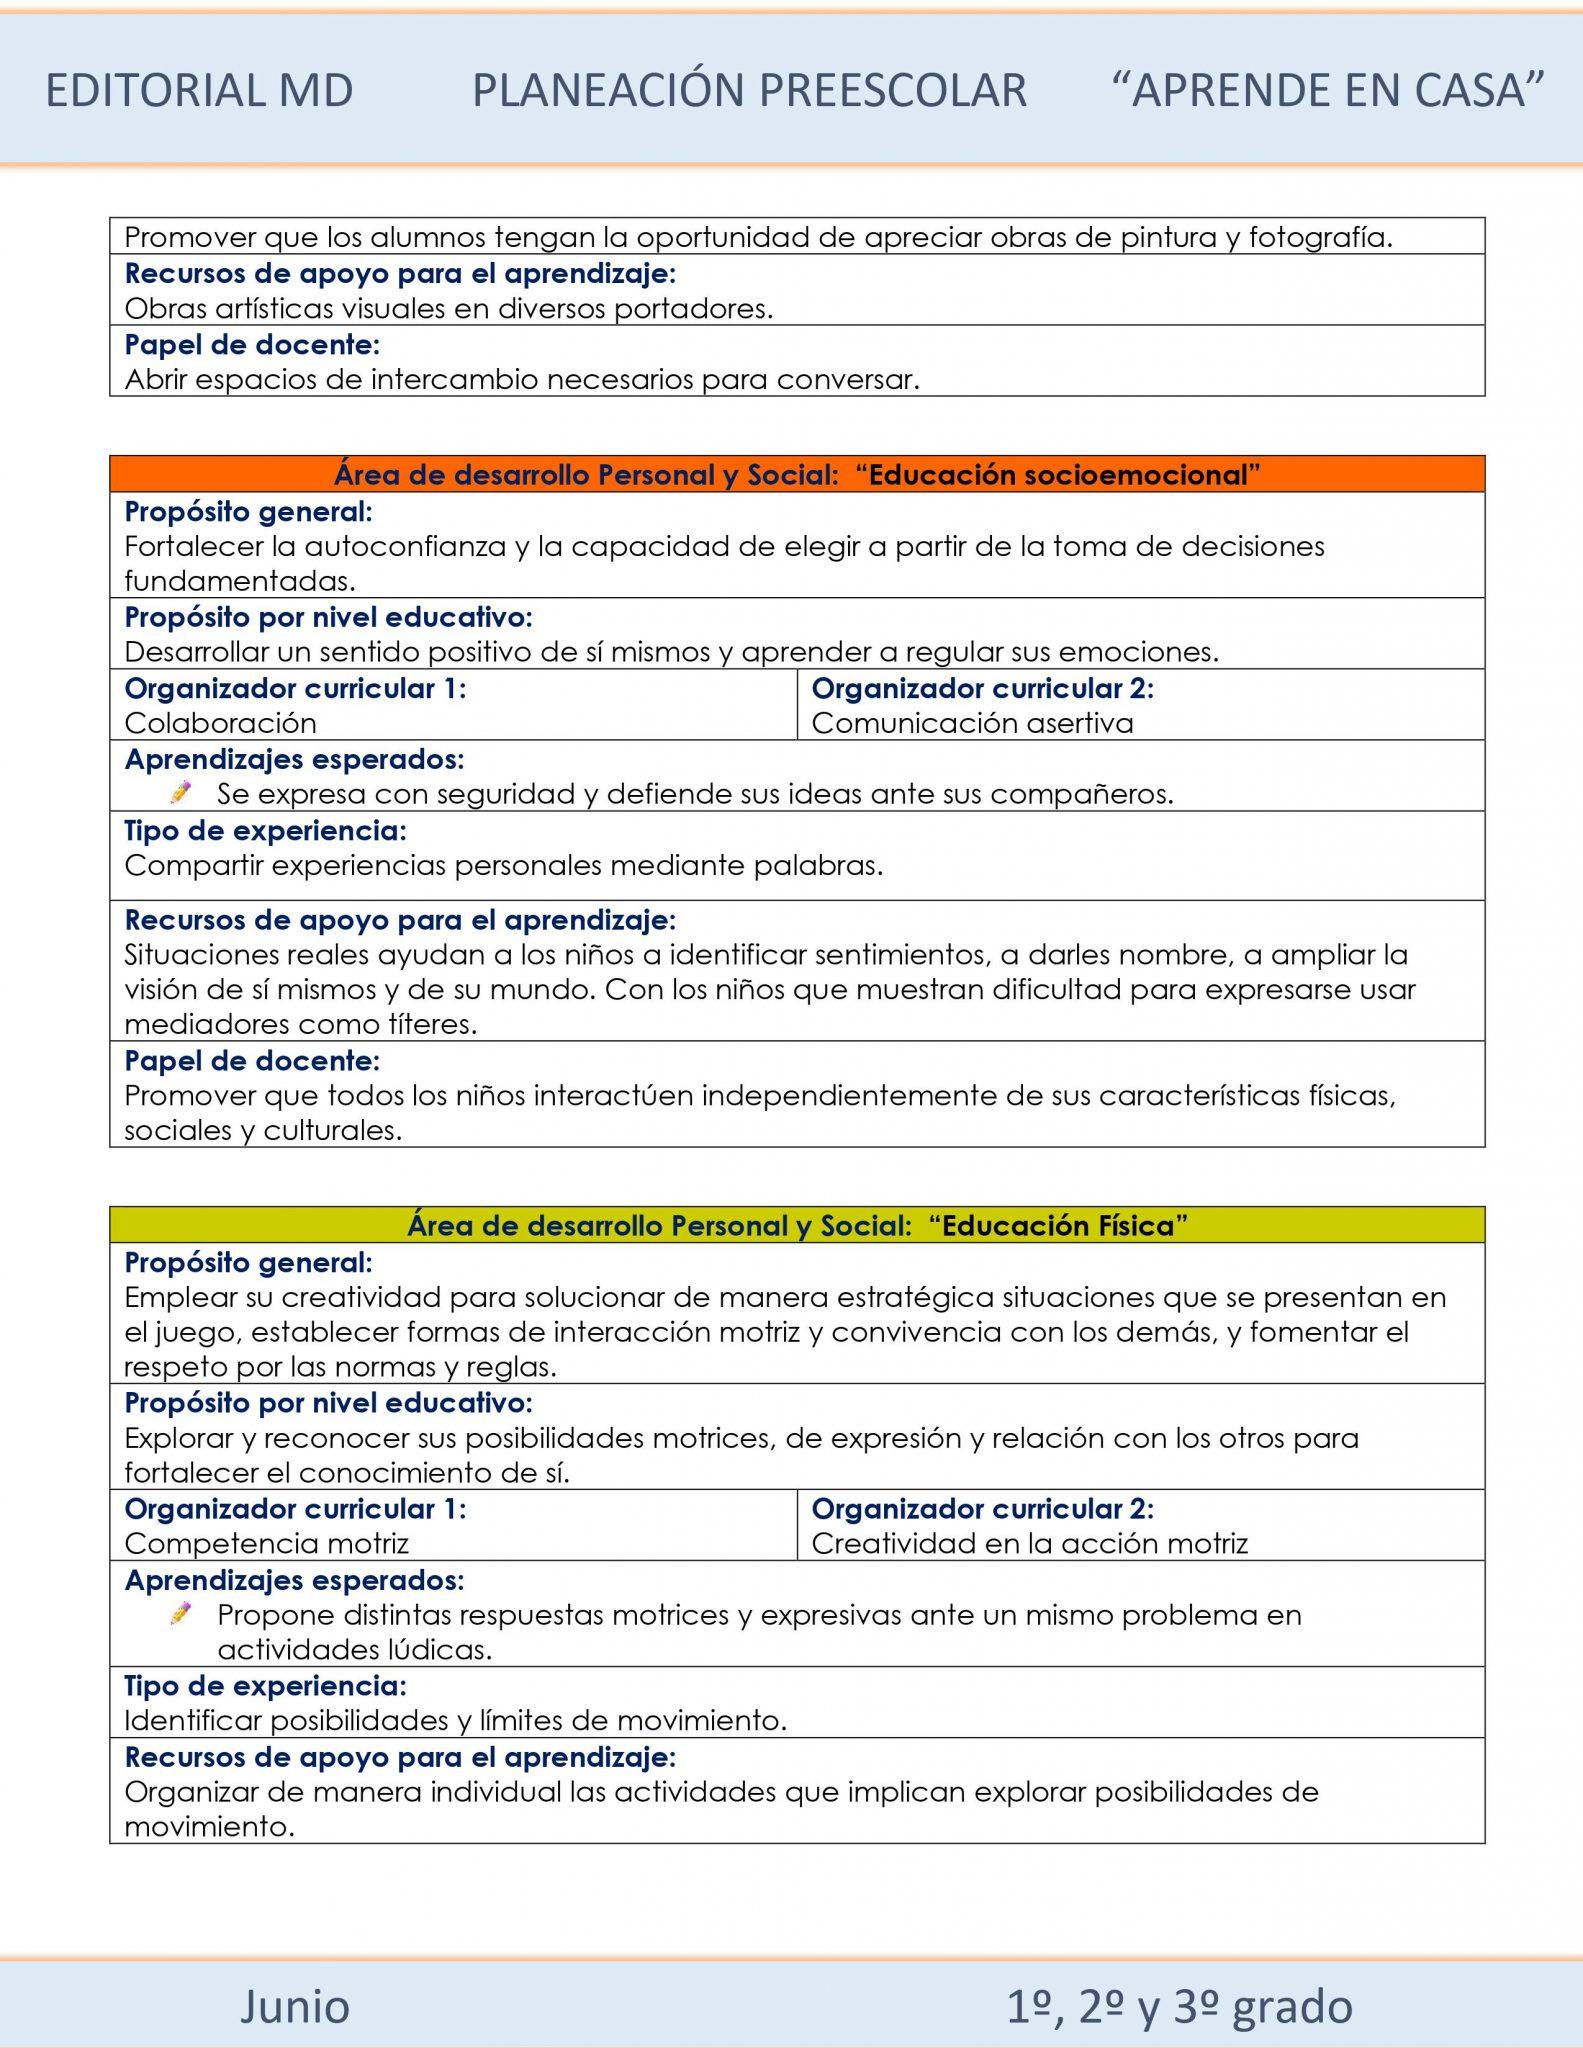 Ejemplo planeaciones Preescolar Hibridas04